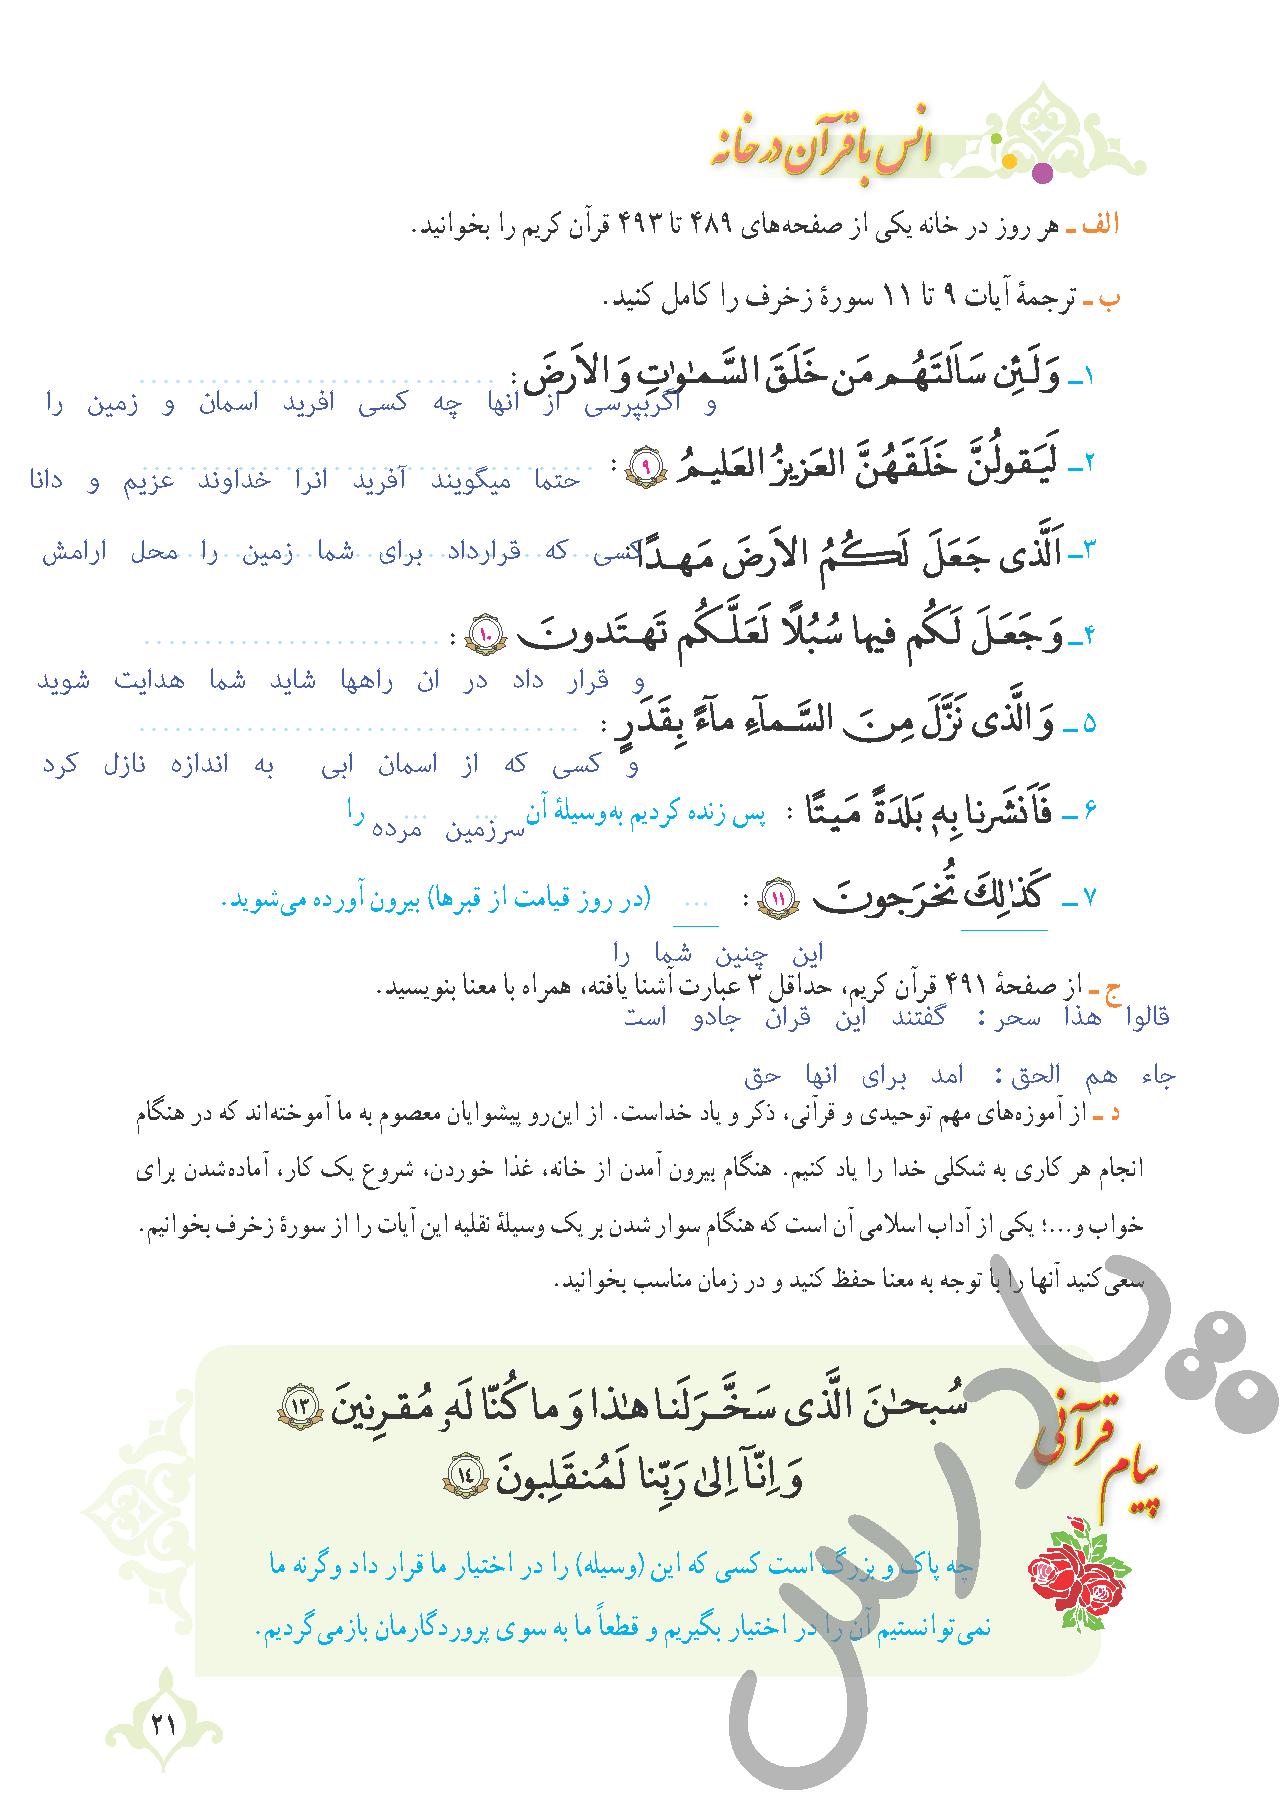 جواب انس با قرآن درس 1 قرآن نهم - بخش دوم